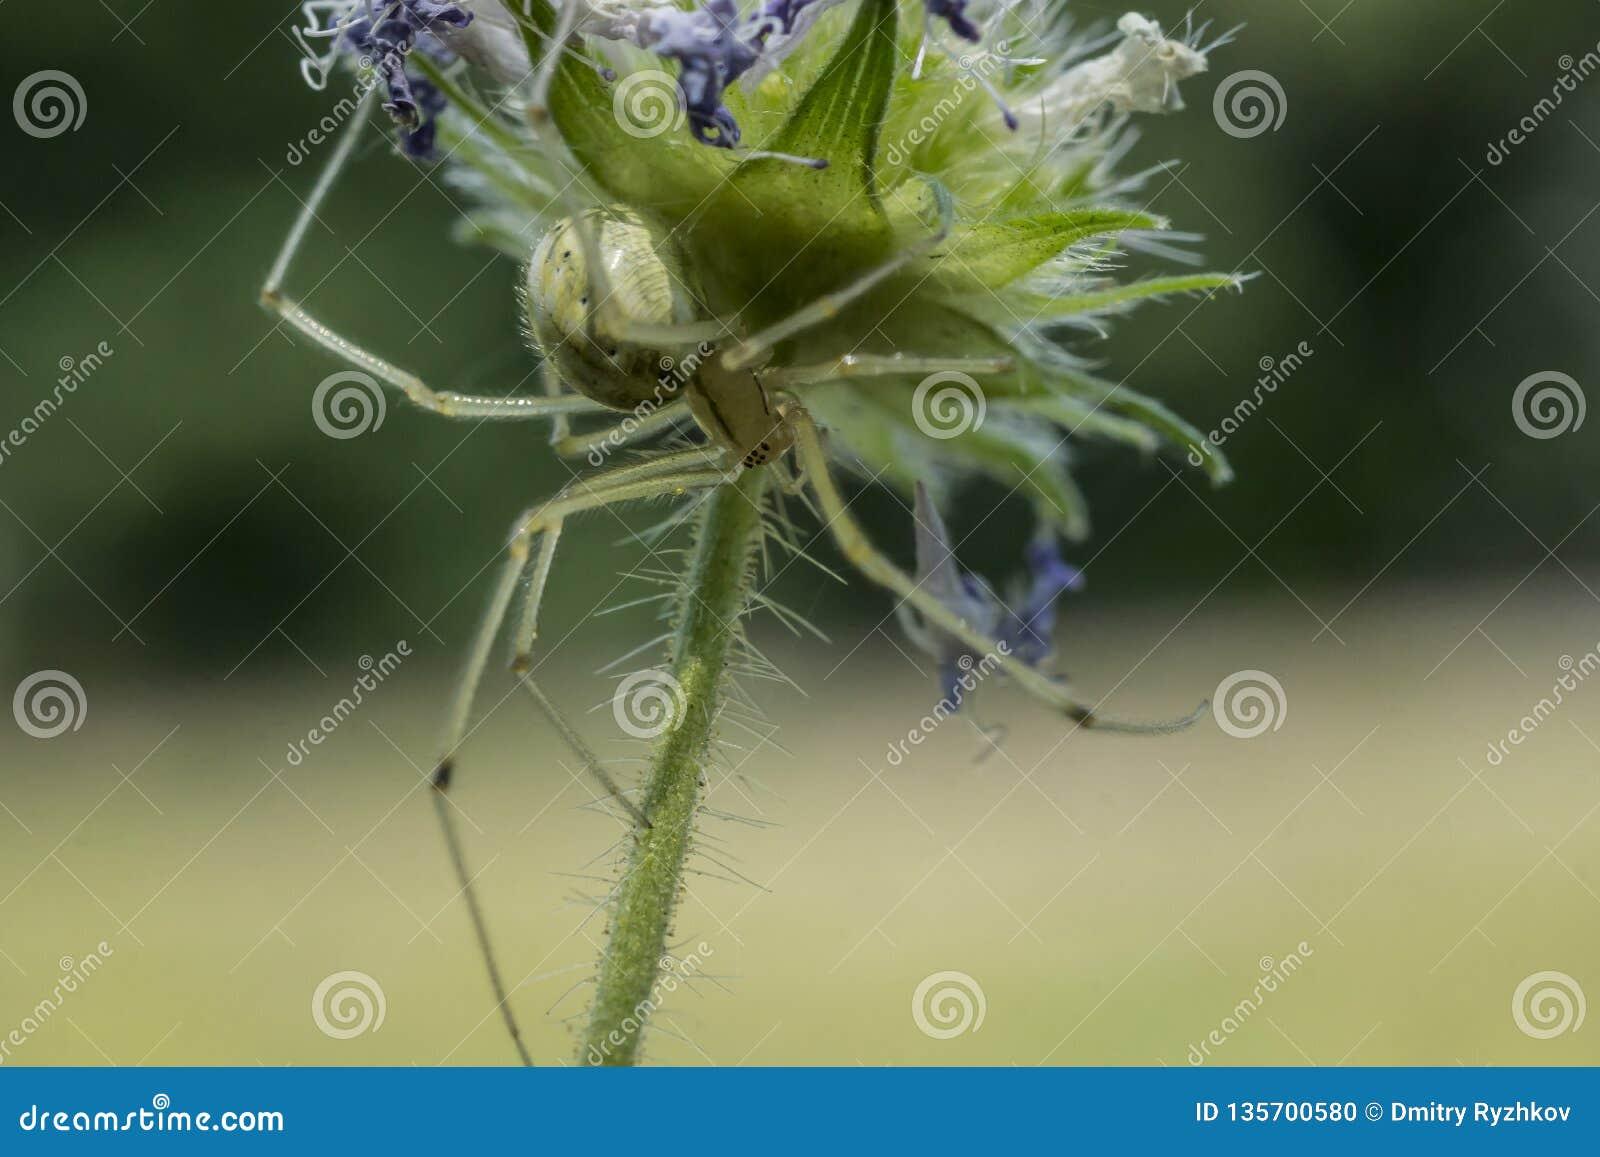 黄绿蜘蛛坐在花下